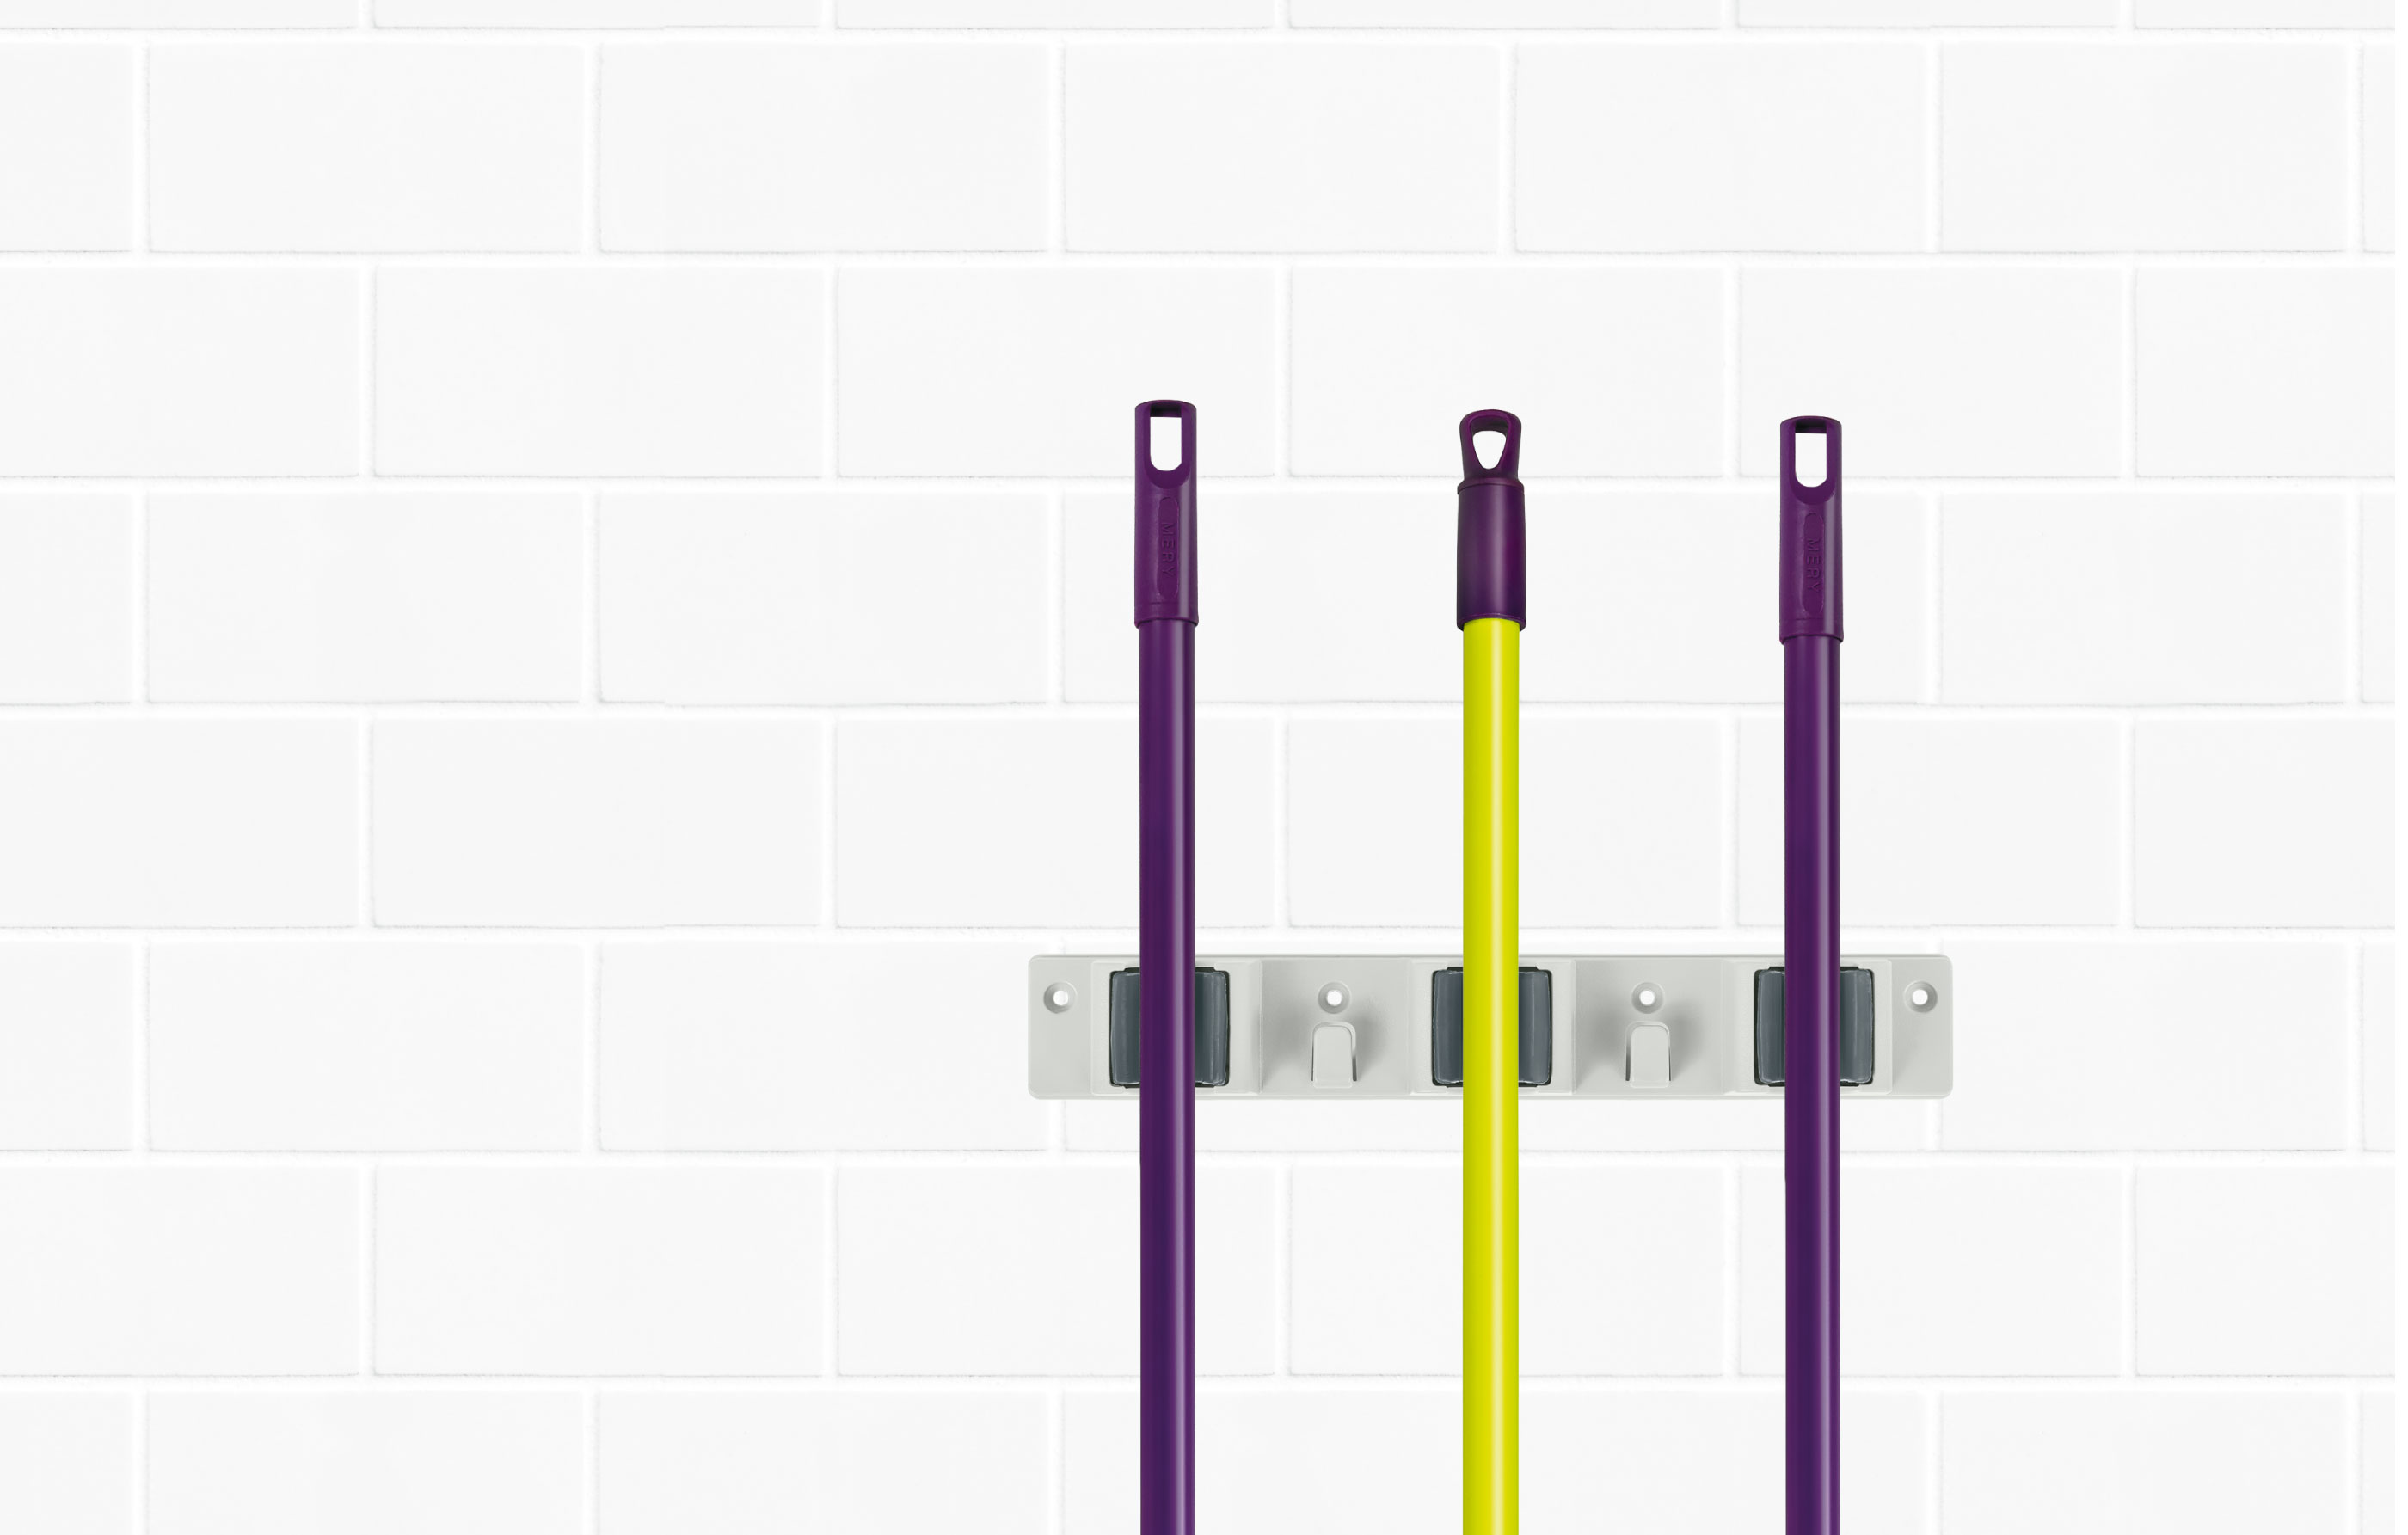 palos-land-3-1 - Mery | Soluciones de limpieza | Palos 3 | Mery.es